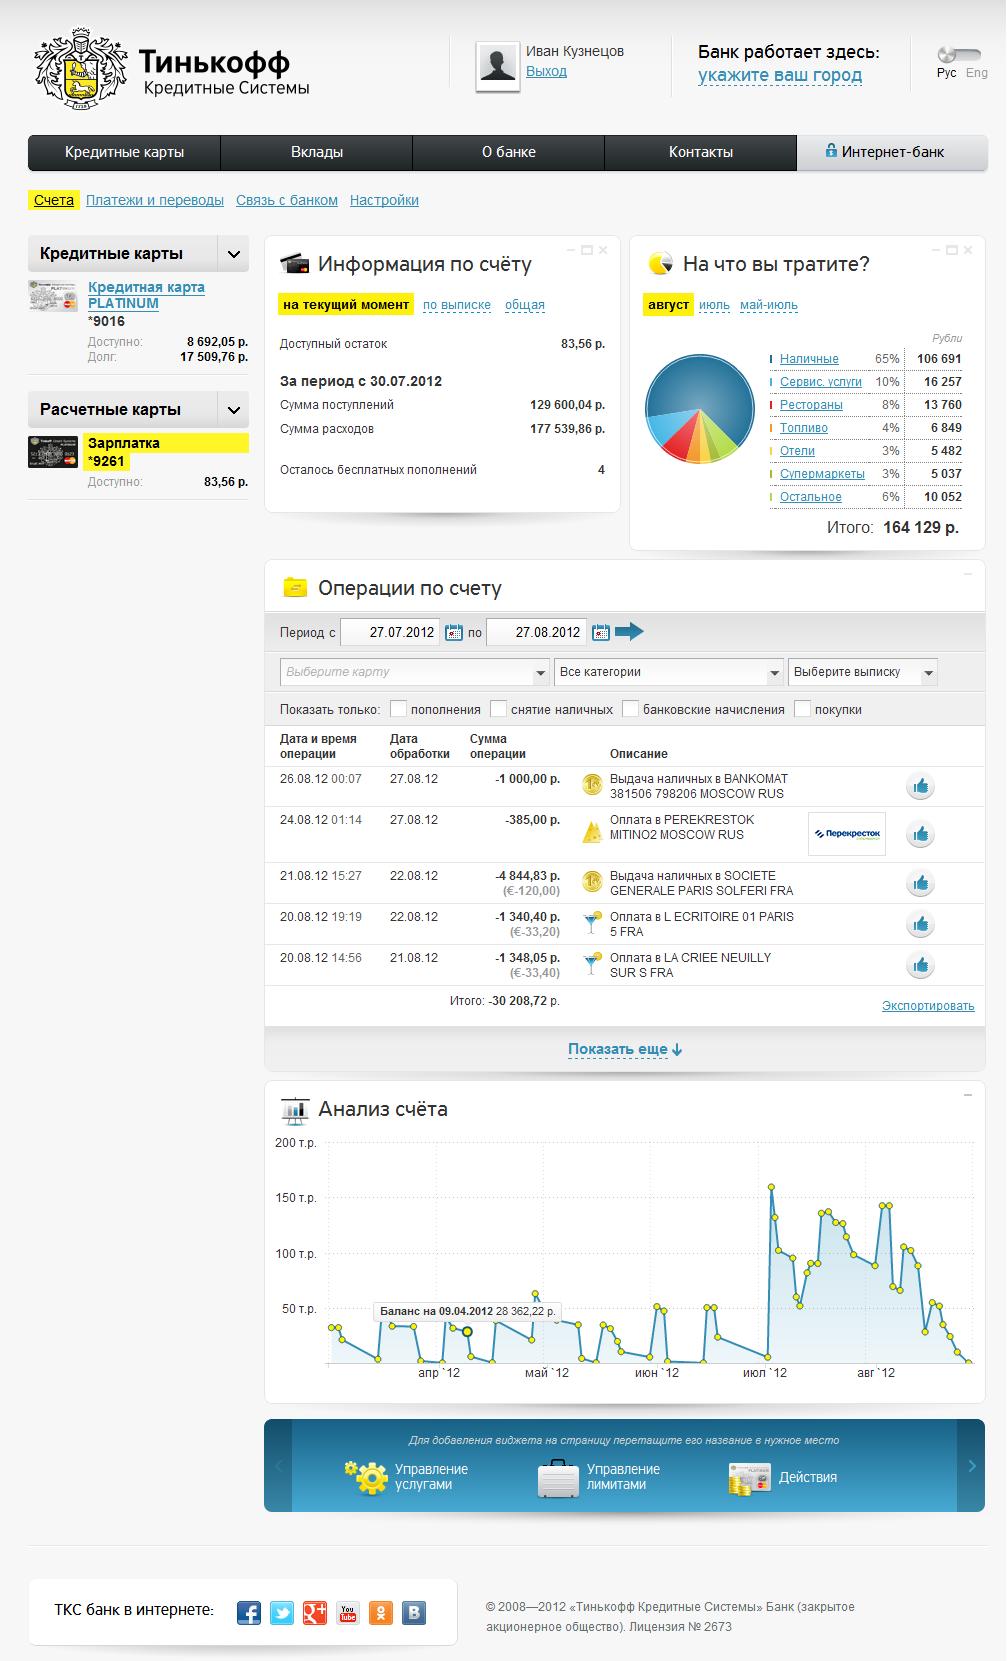 Управление счетами через личный кабинет на сайте Тинькофф